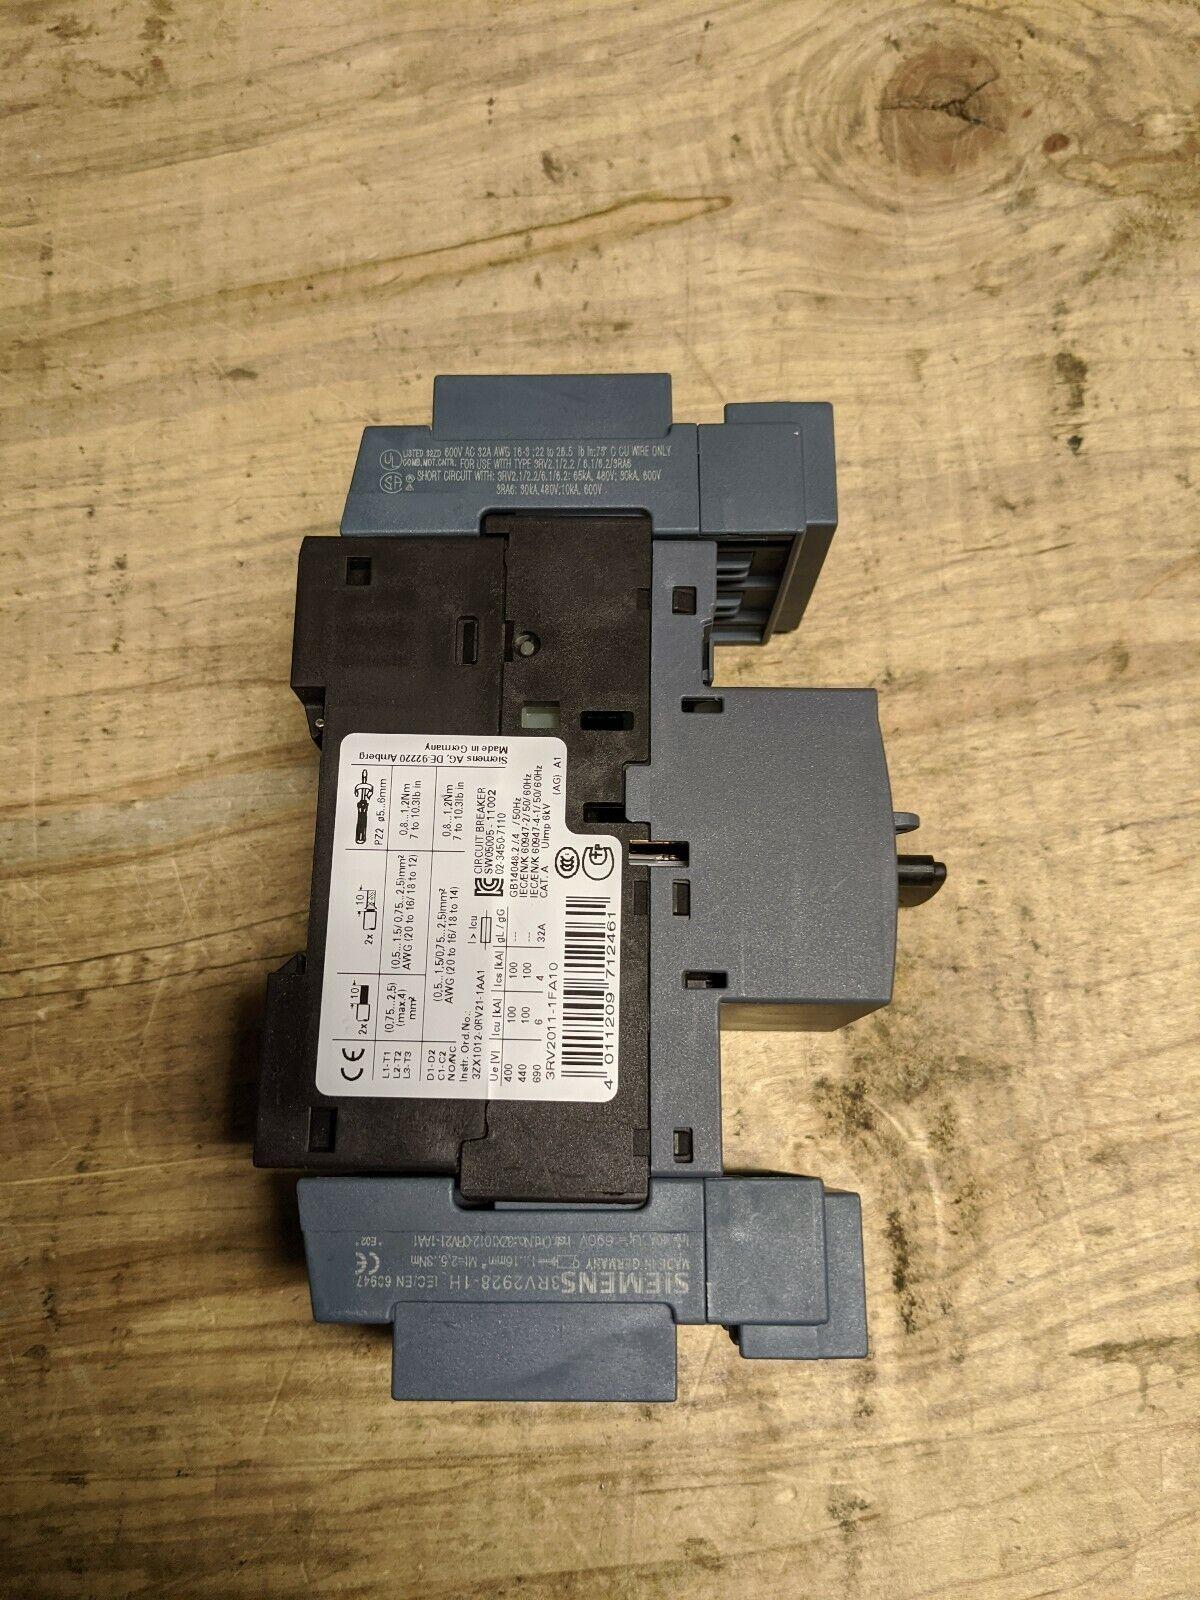 SIEMENS 3RV2011-1FA10 3RV20111FA10  MOTOR OVERLOAD PROTECTION